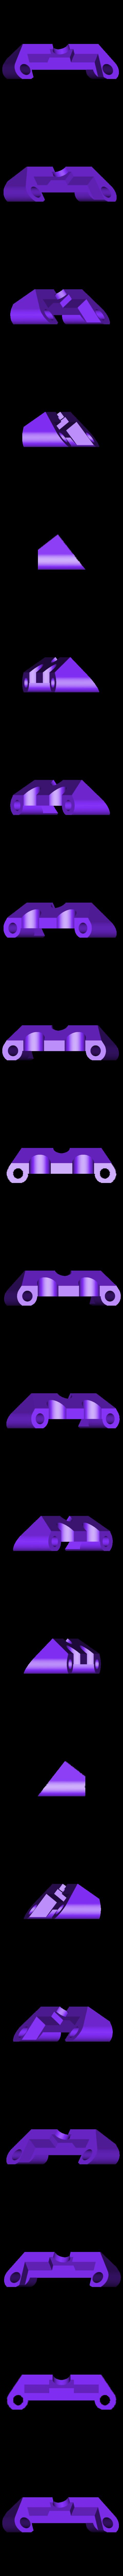 OpenRC_Mini_Quad_FPV_Ant_Upper.stl Télécharger fichier STL gratuit OpenRC 220 FPV Mini Quad • Objet à imprimer en 3D, DanielNoree